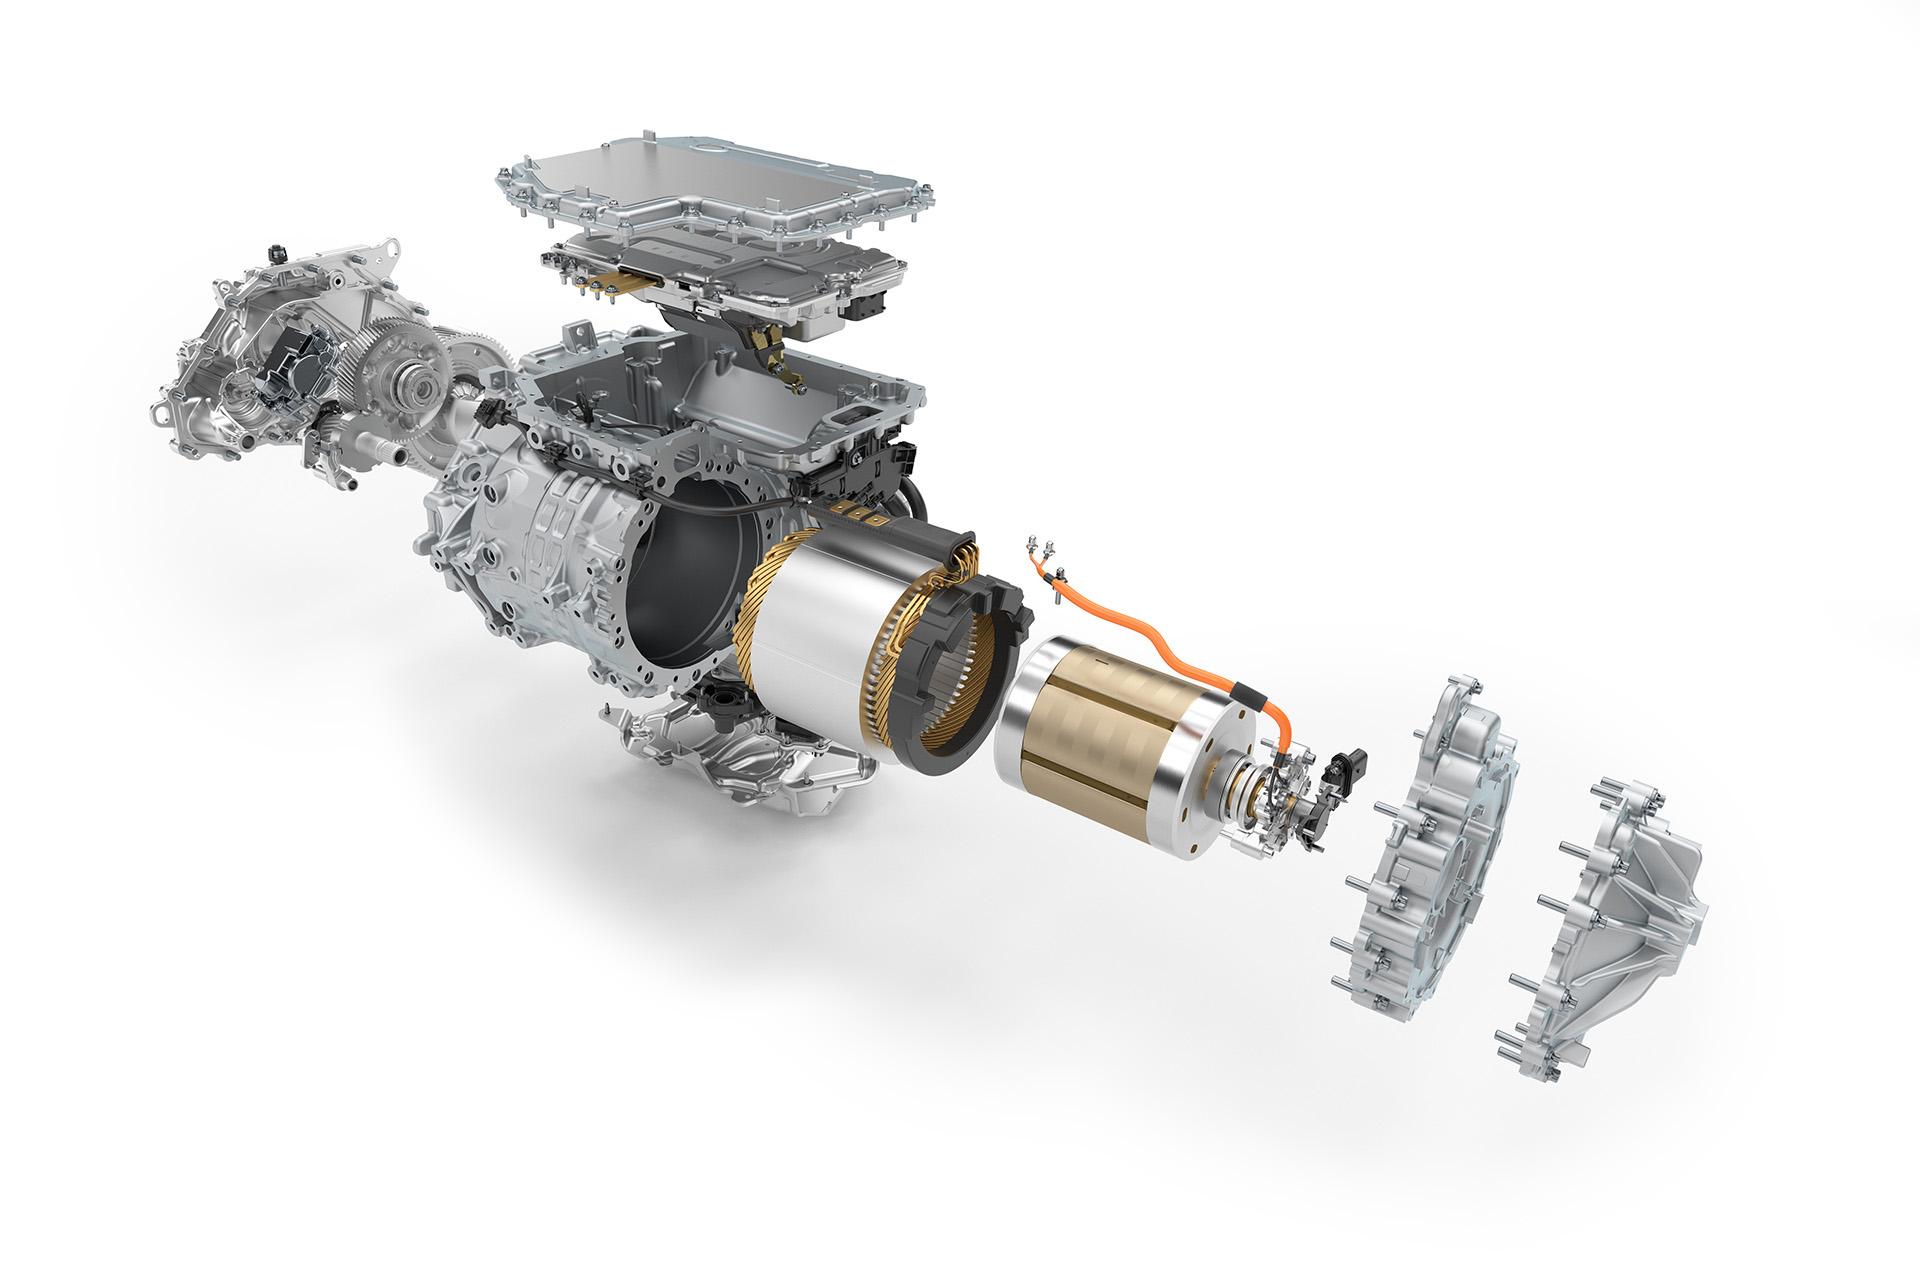 Ao contrário de motores PMS, o externamente excitado da BMW usa corrente direta para percorrer os fios de cobre do estator e gerar o campo eletromagnético que gira o rotor e, consequentemente, as rodas